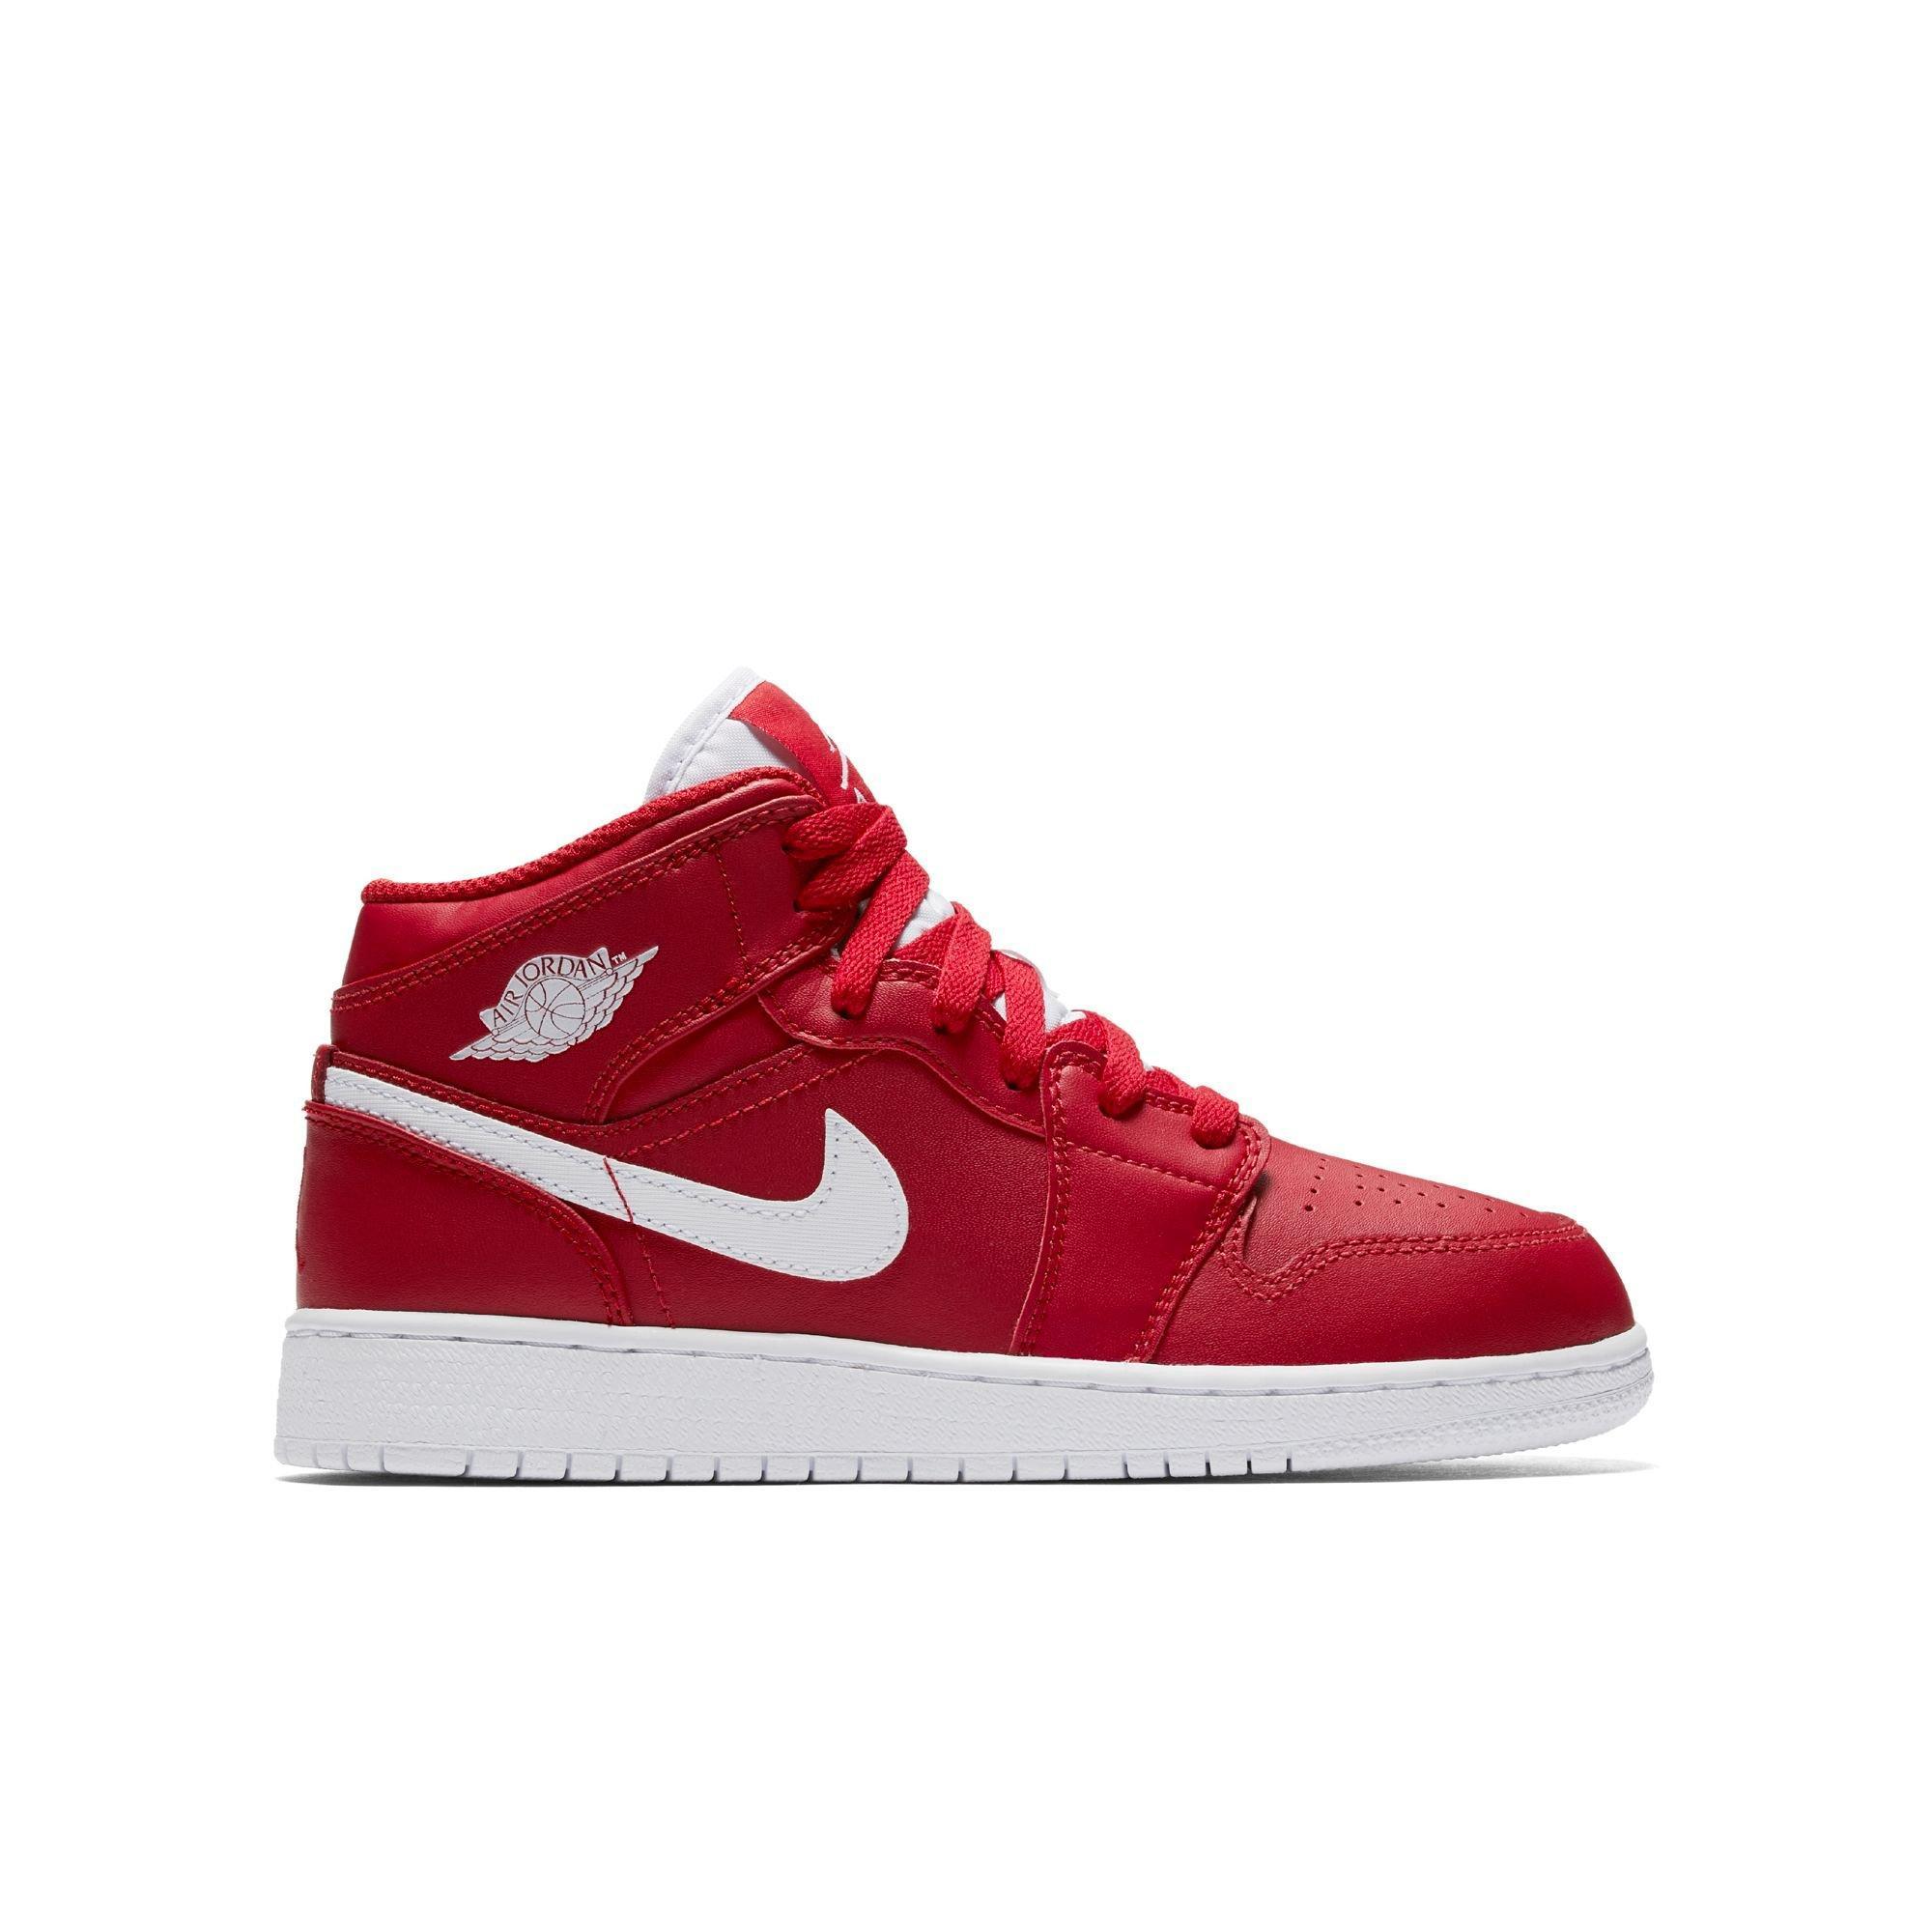 Air Jordan 1 Mediados De Zapato De Los Niños venta de liquidación Z4woTvrx